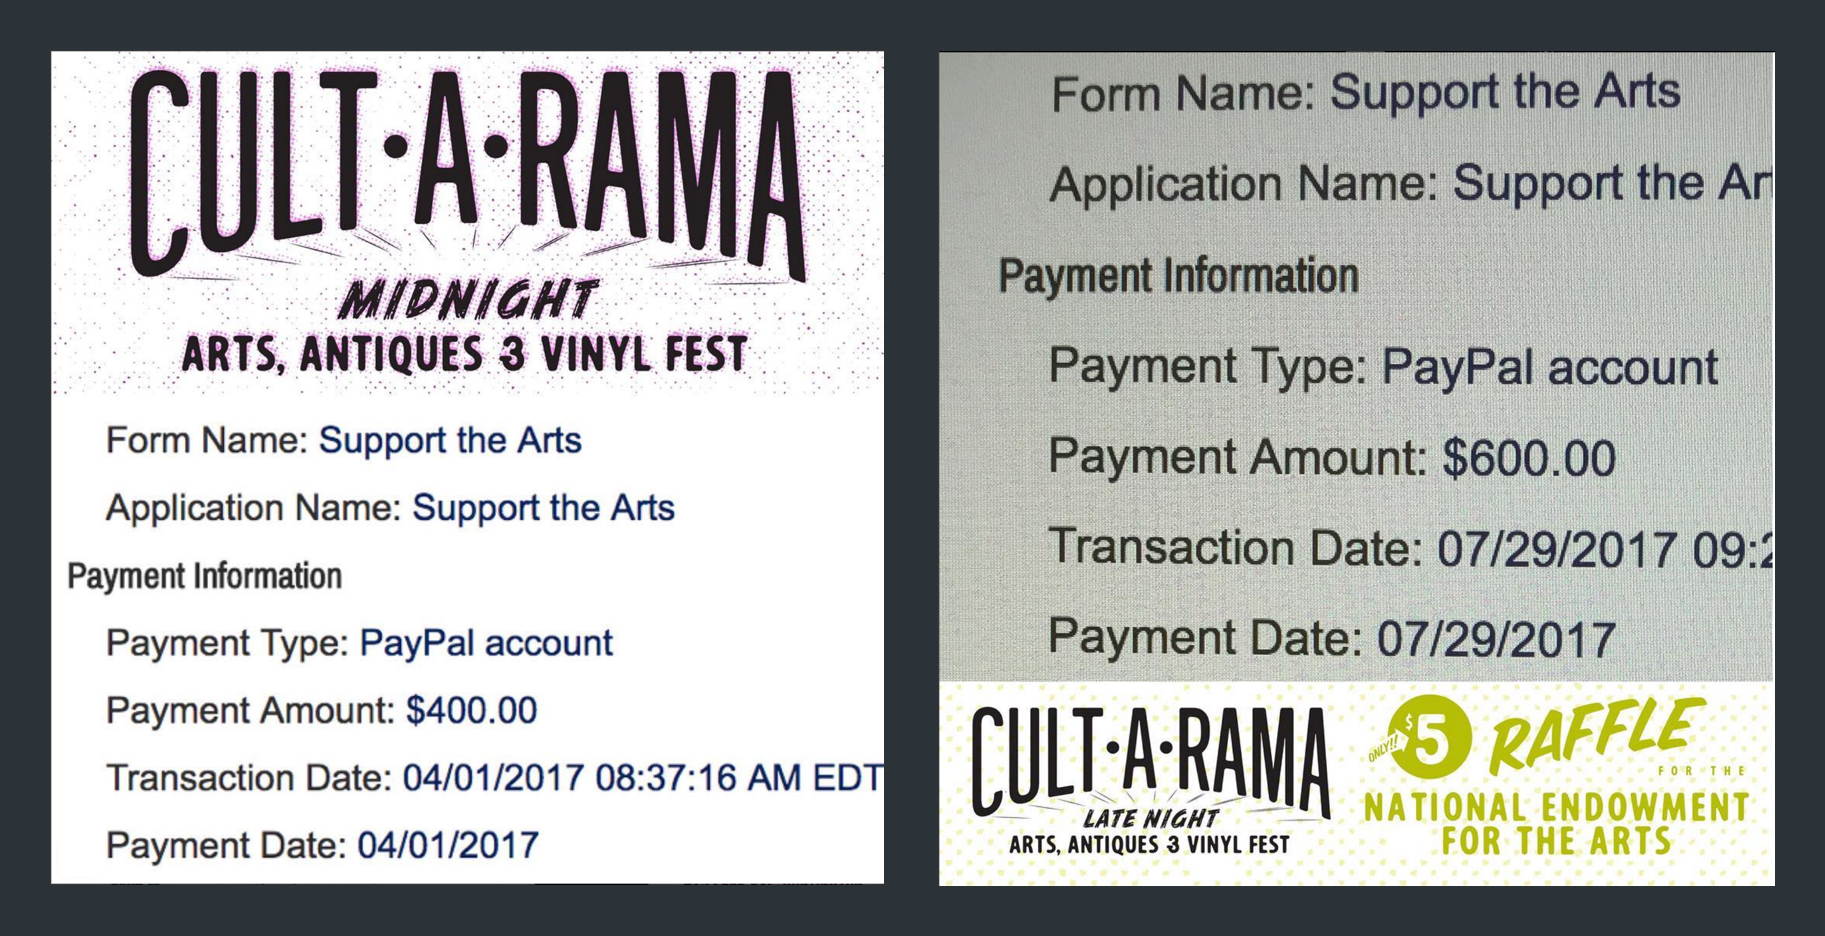 Cult•A•Rama donation photos